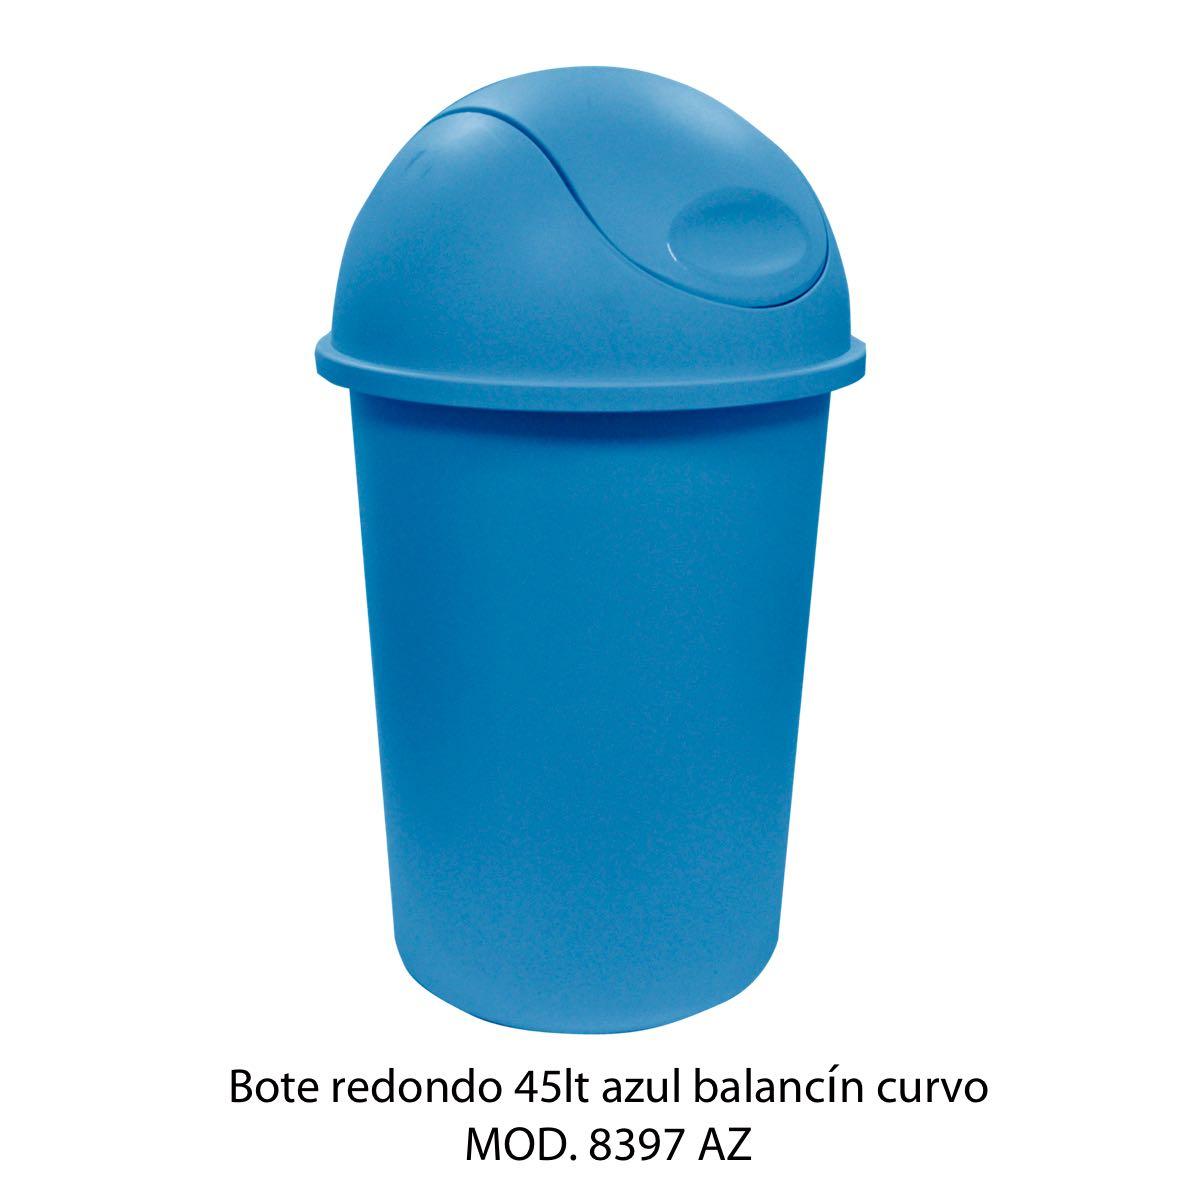 Bote de basura redondo de 45 litros con balancín curvo color azul modelo 8397 AZ - Sablón